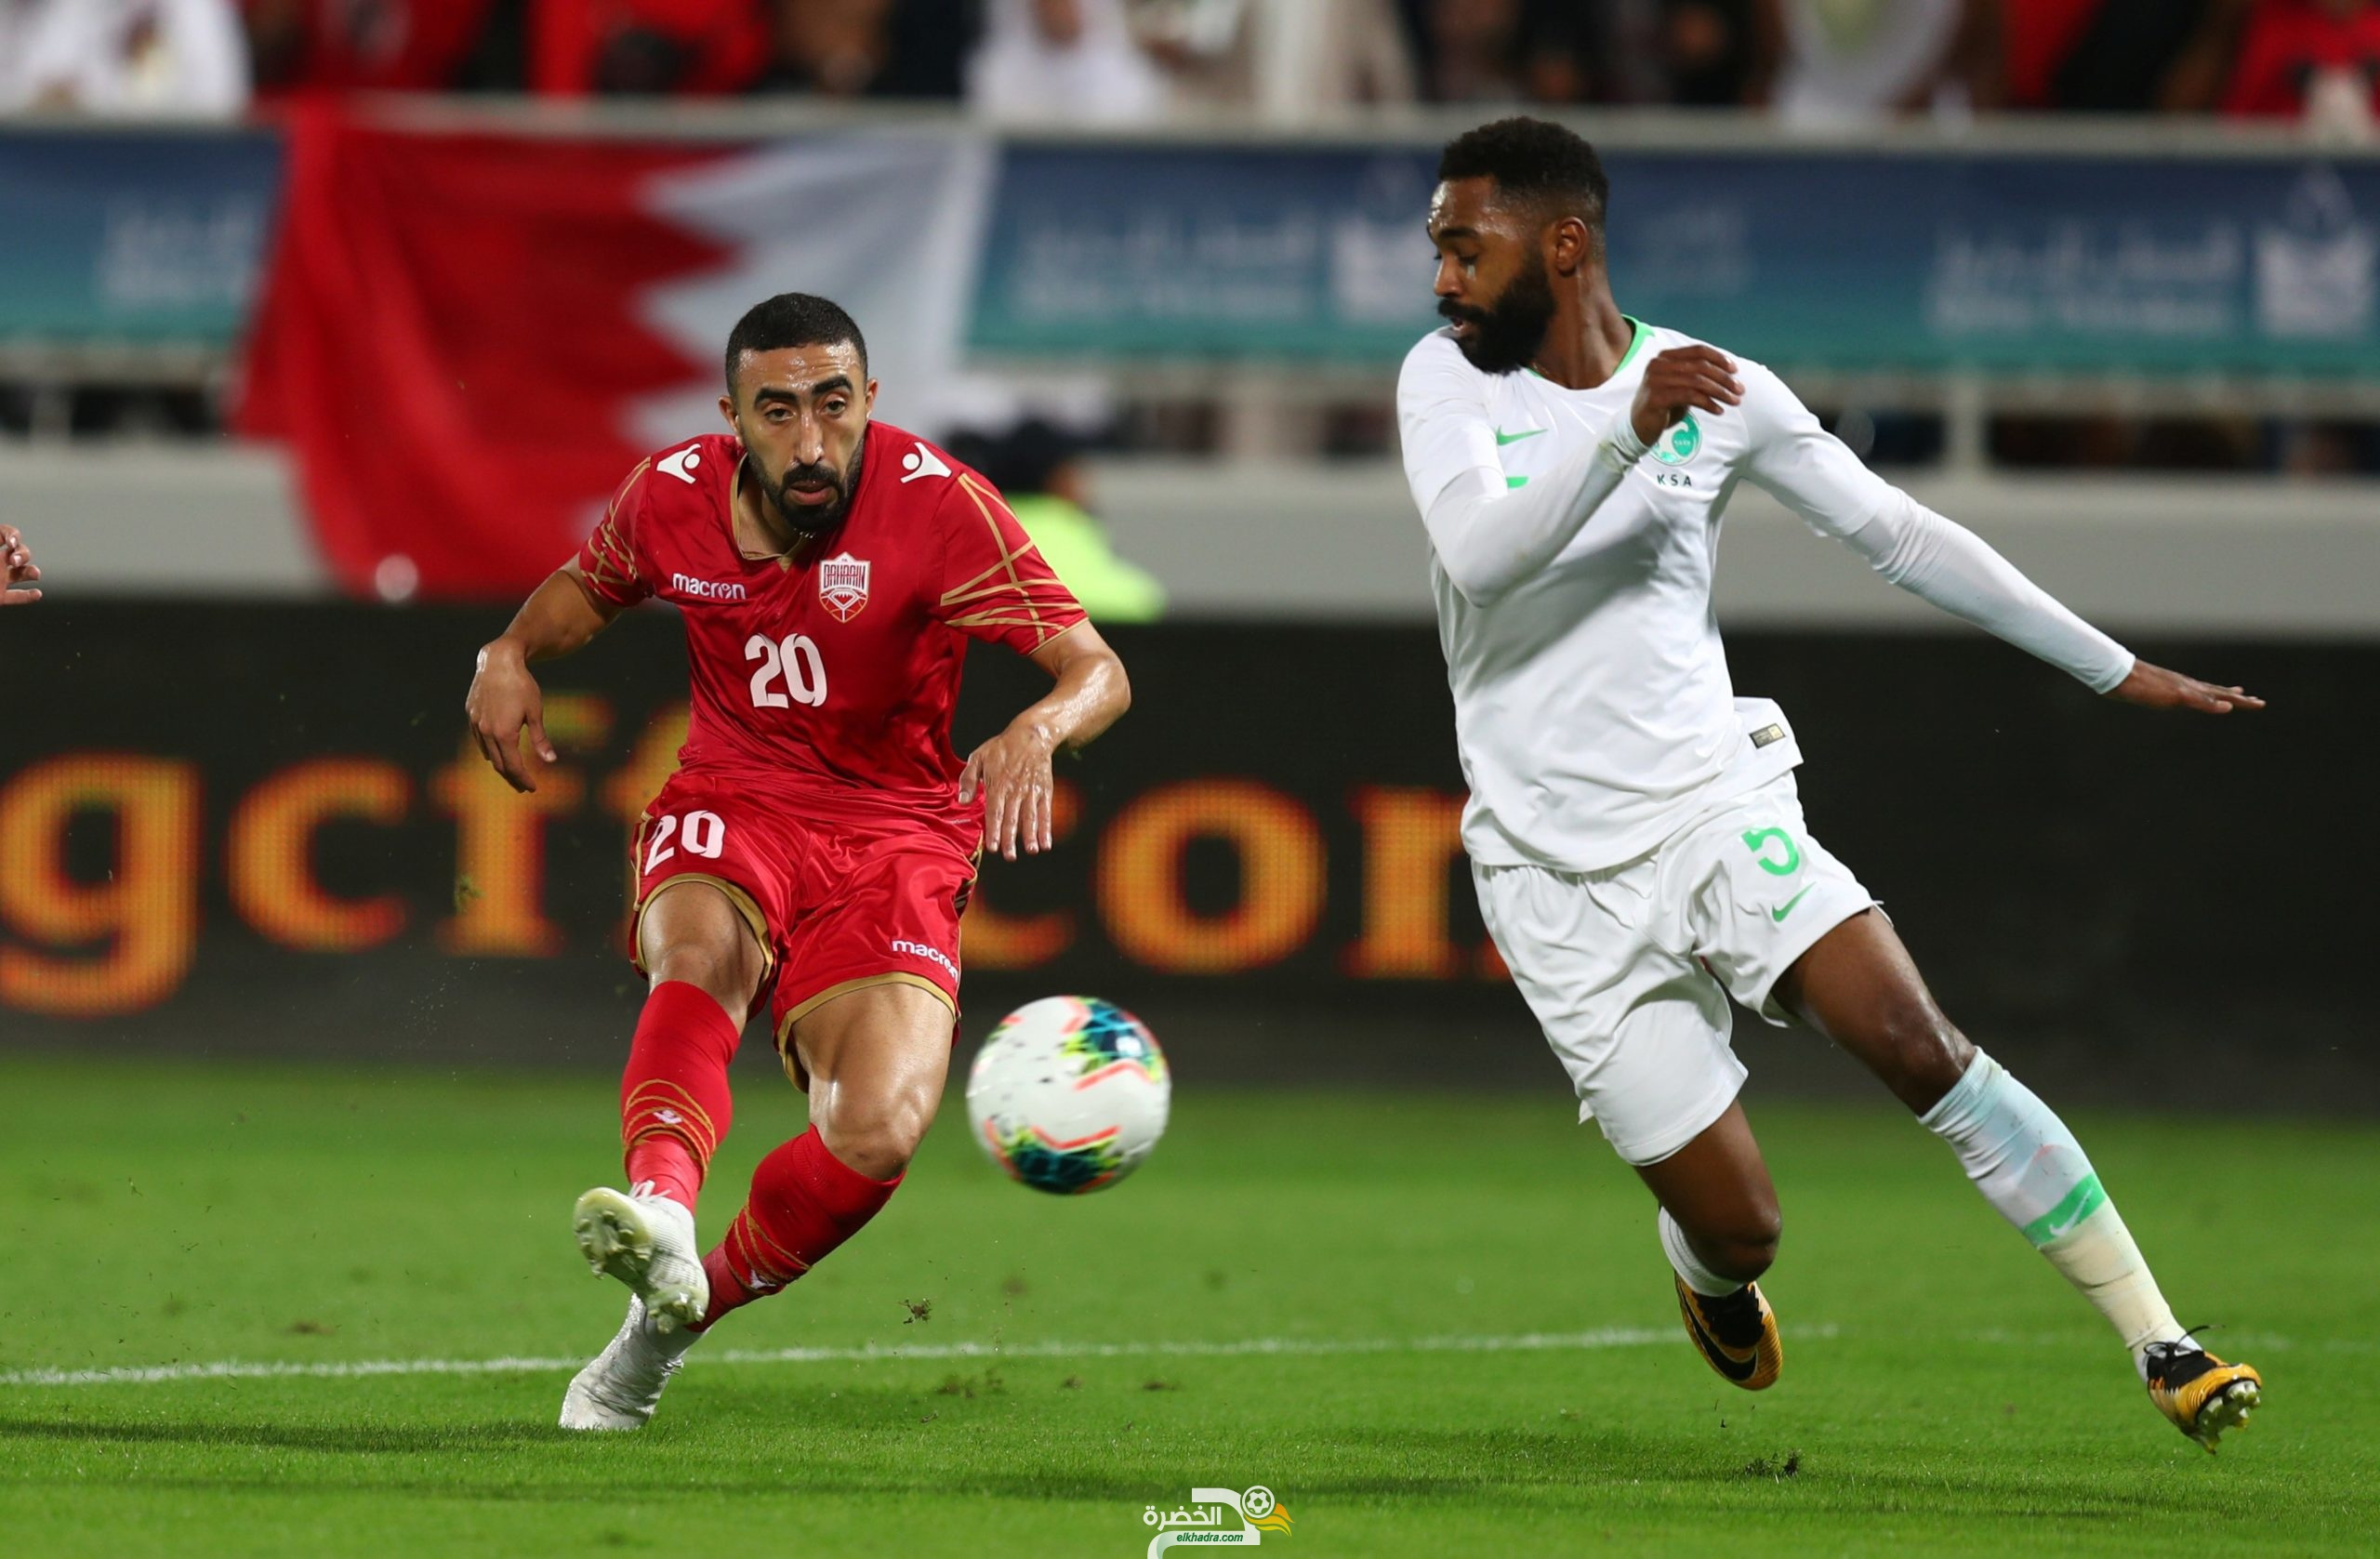 منتخب البحرين بطلاً لكأس الخليج العربي 24 لأول مرة في تاريخه 28